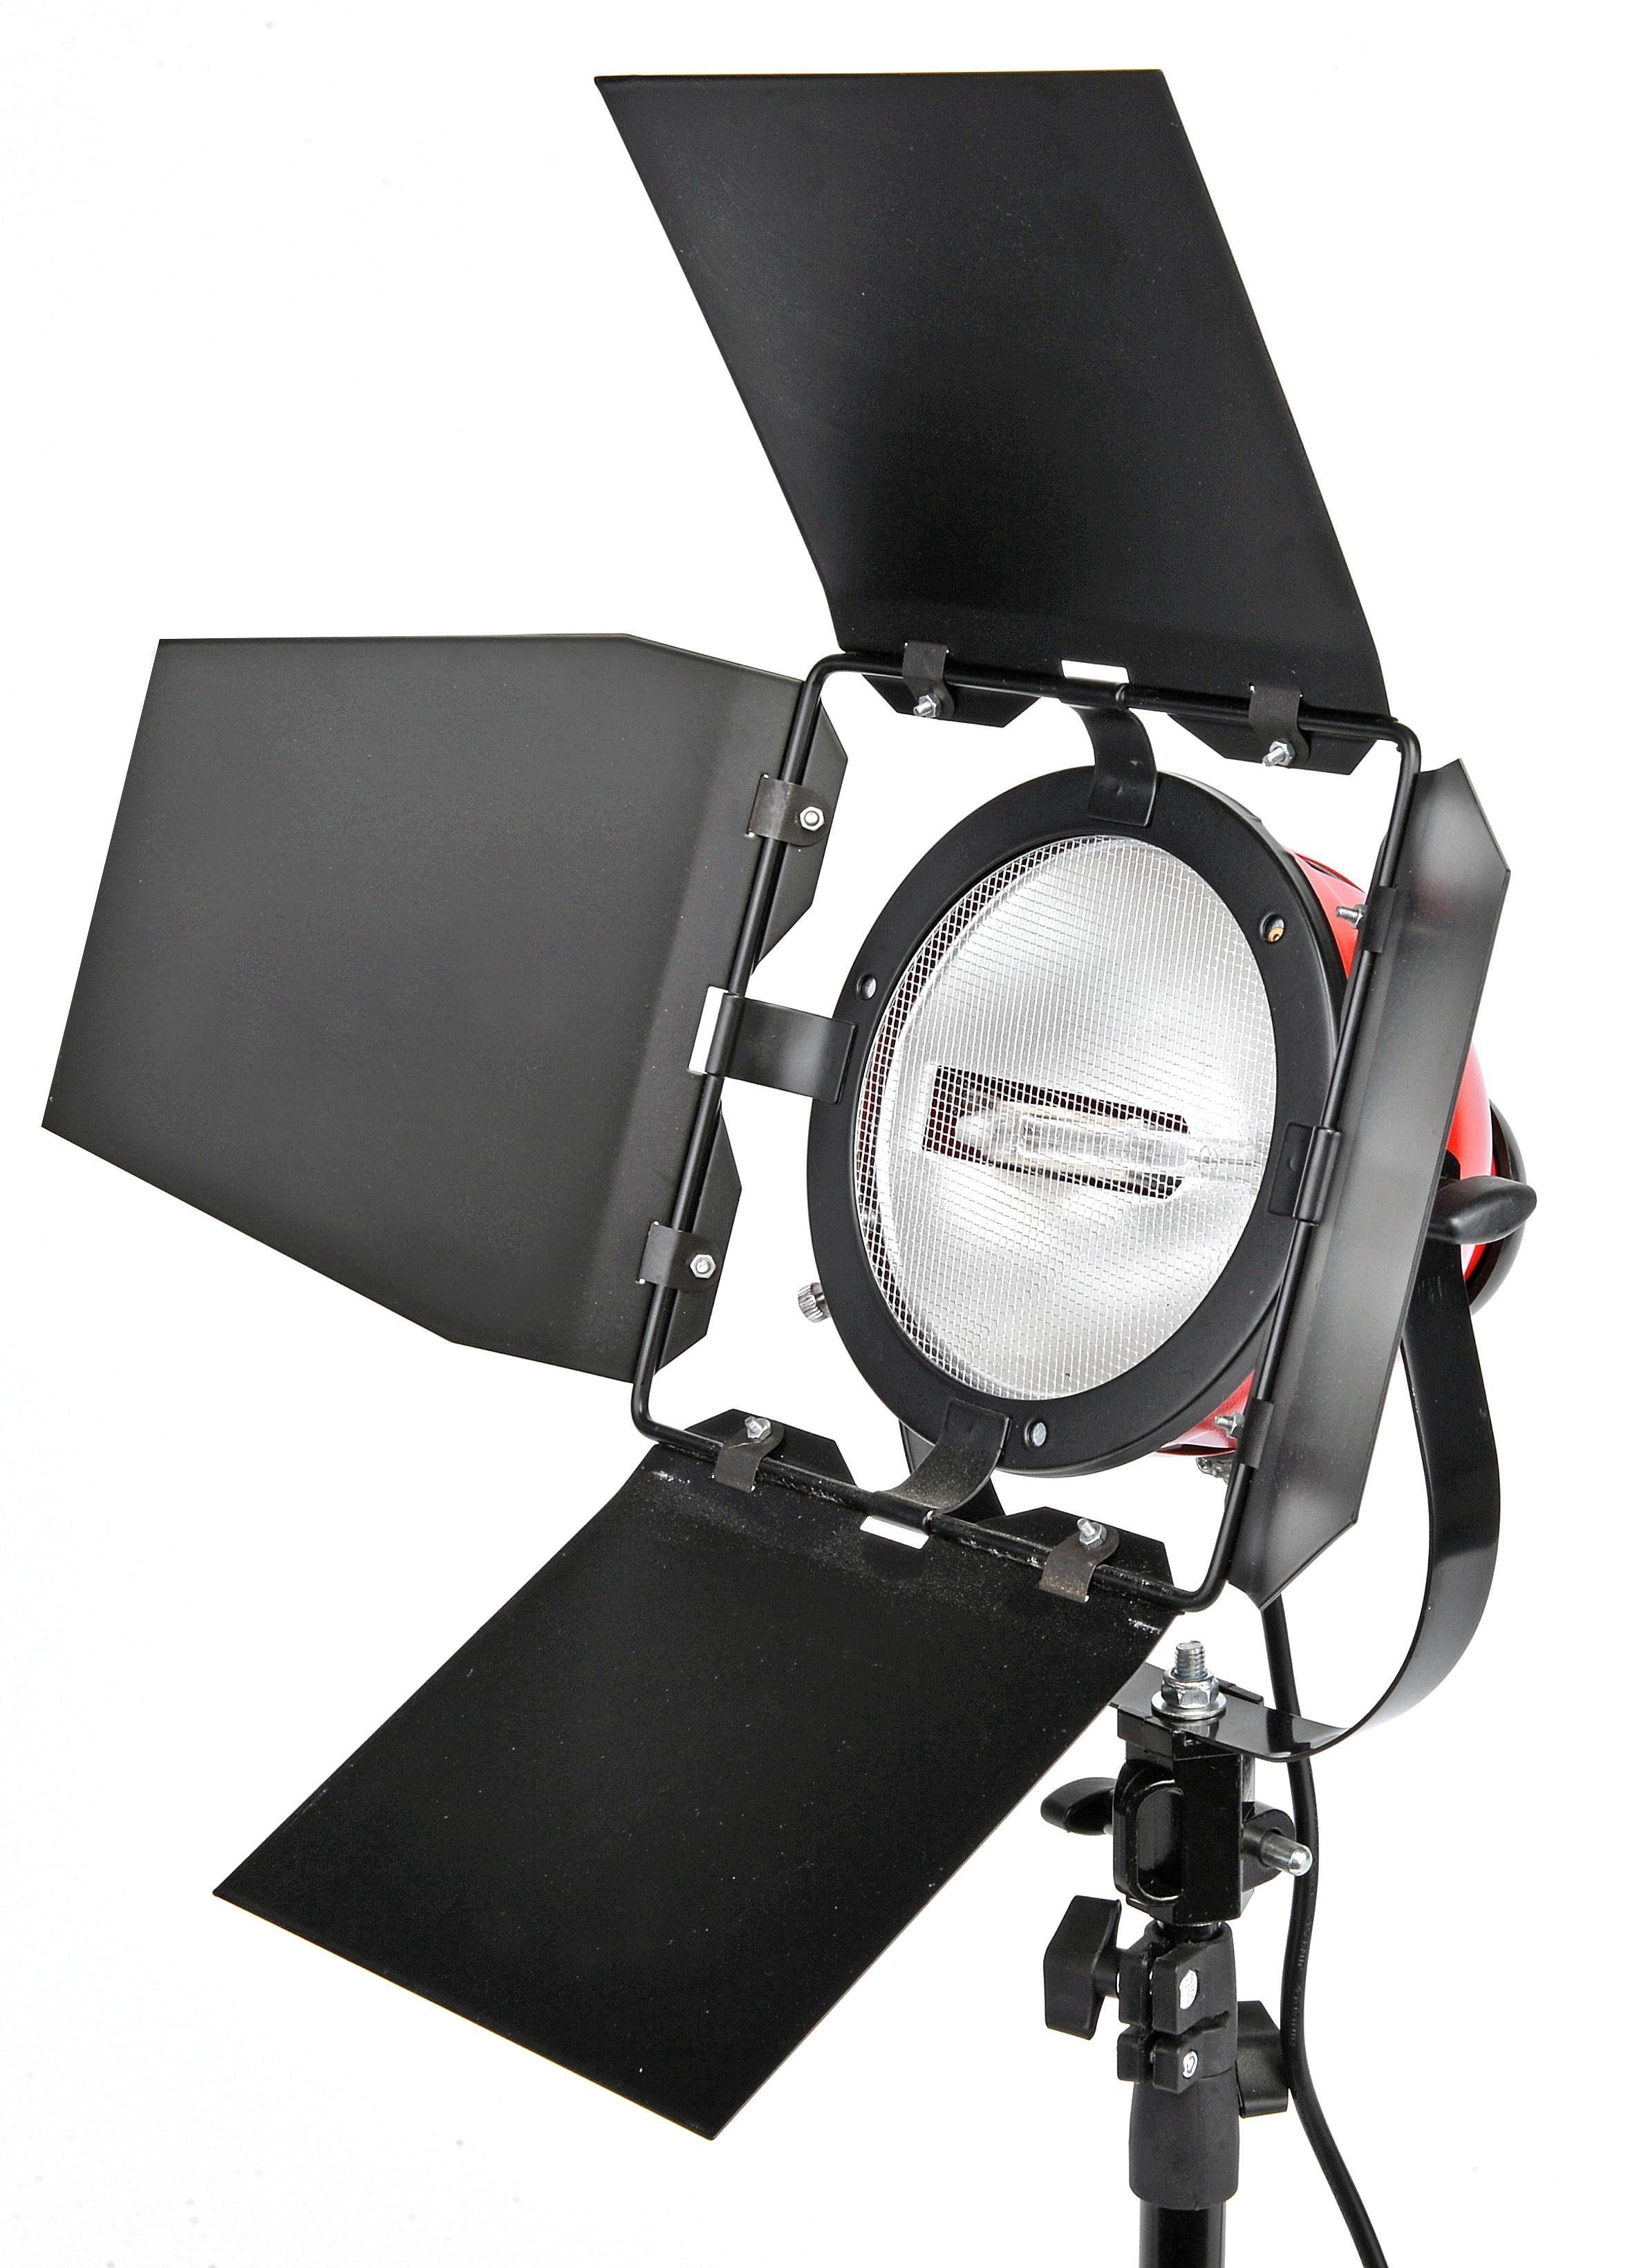 BRESSER Fotostudio »BRESSER SG-800 Halogen-Studiolampe 800W«